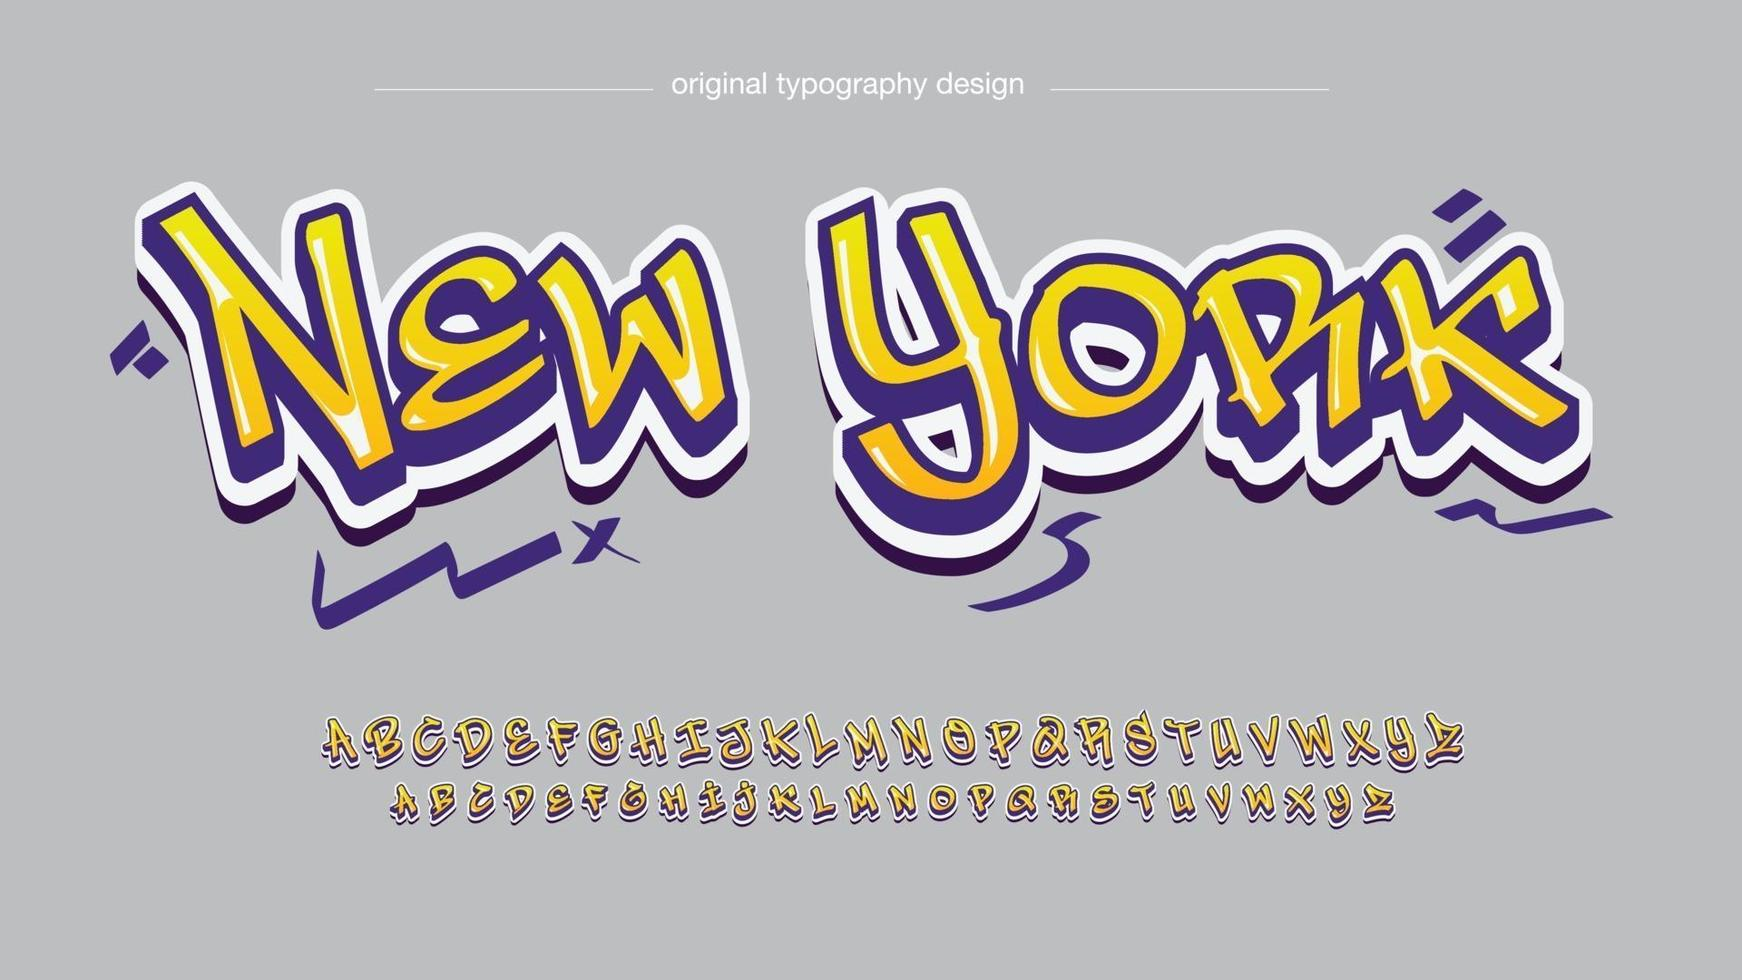 tipografia de pincel grafite moderno amarelo e roxo vetor